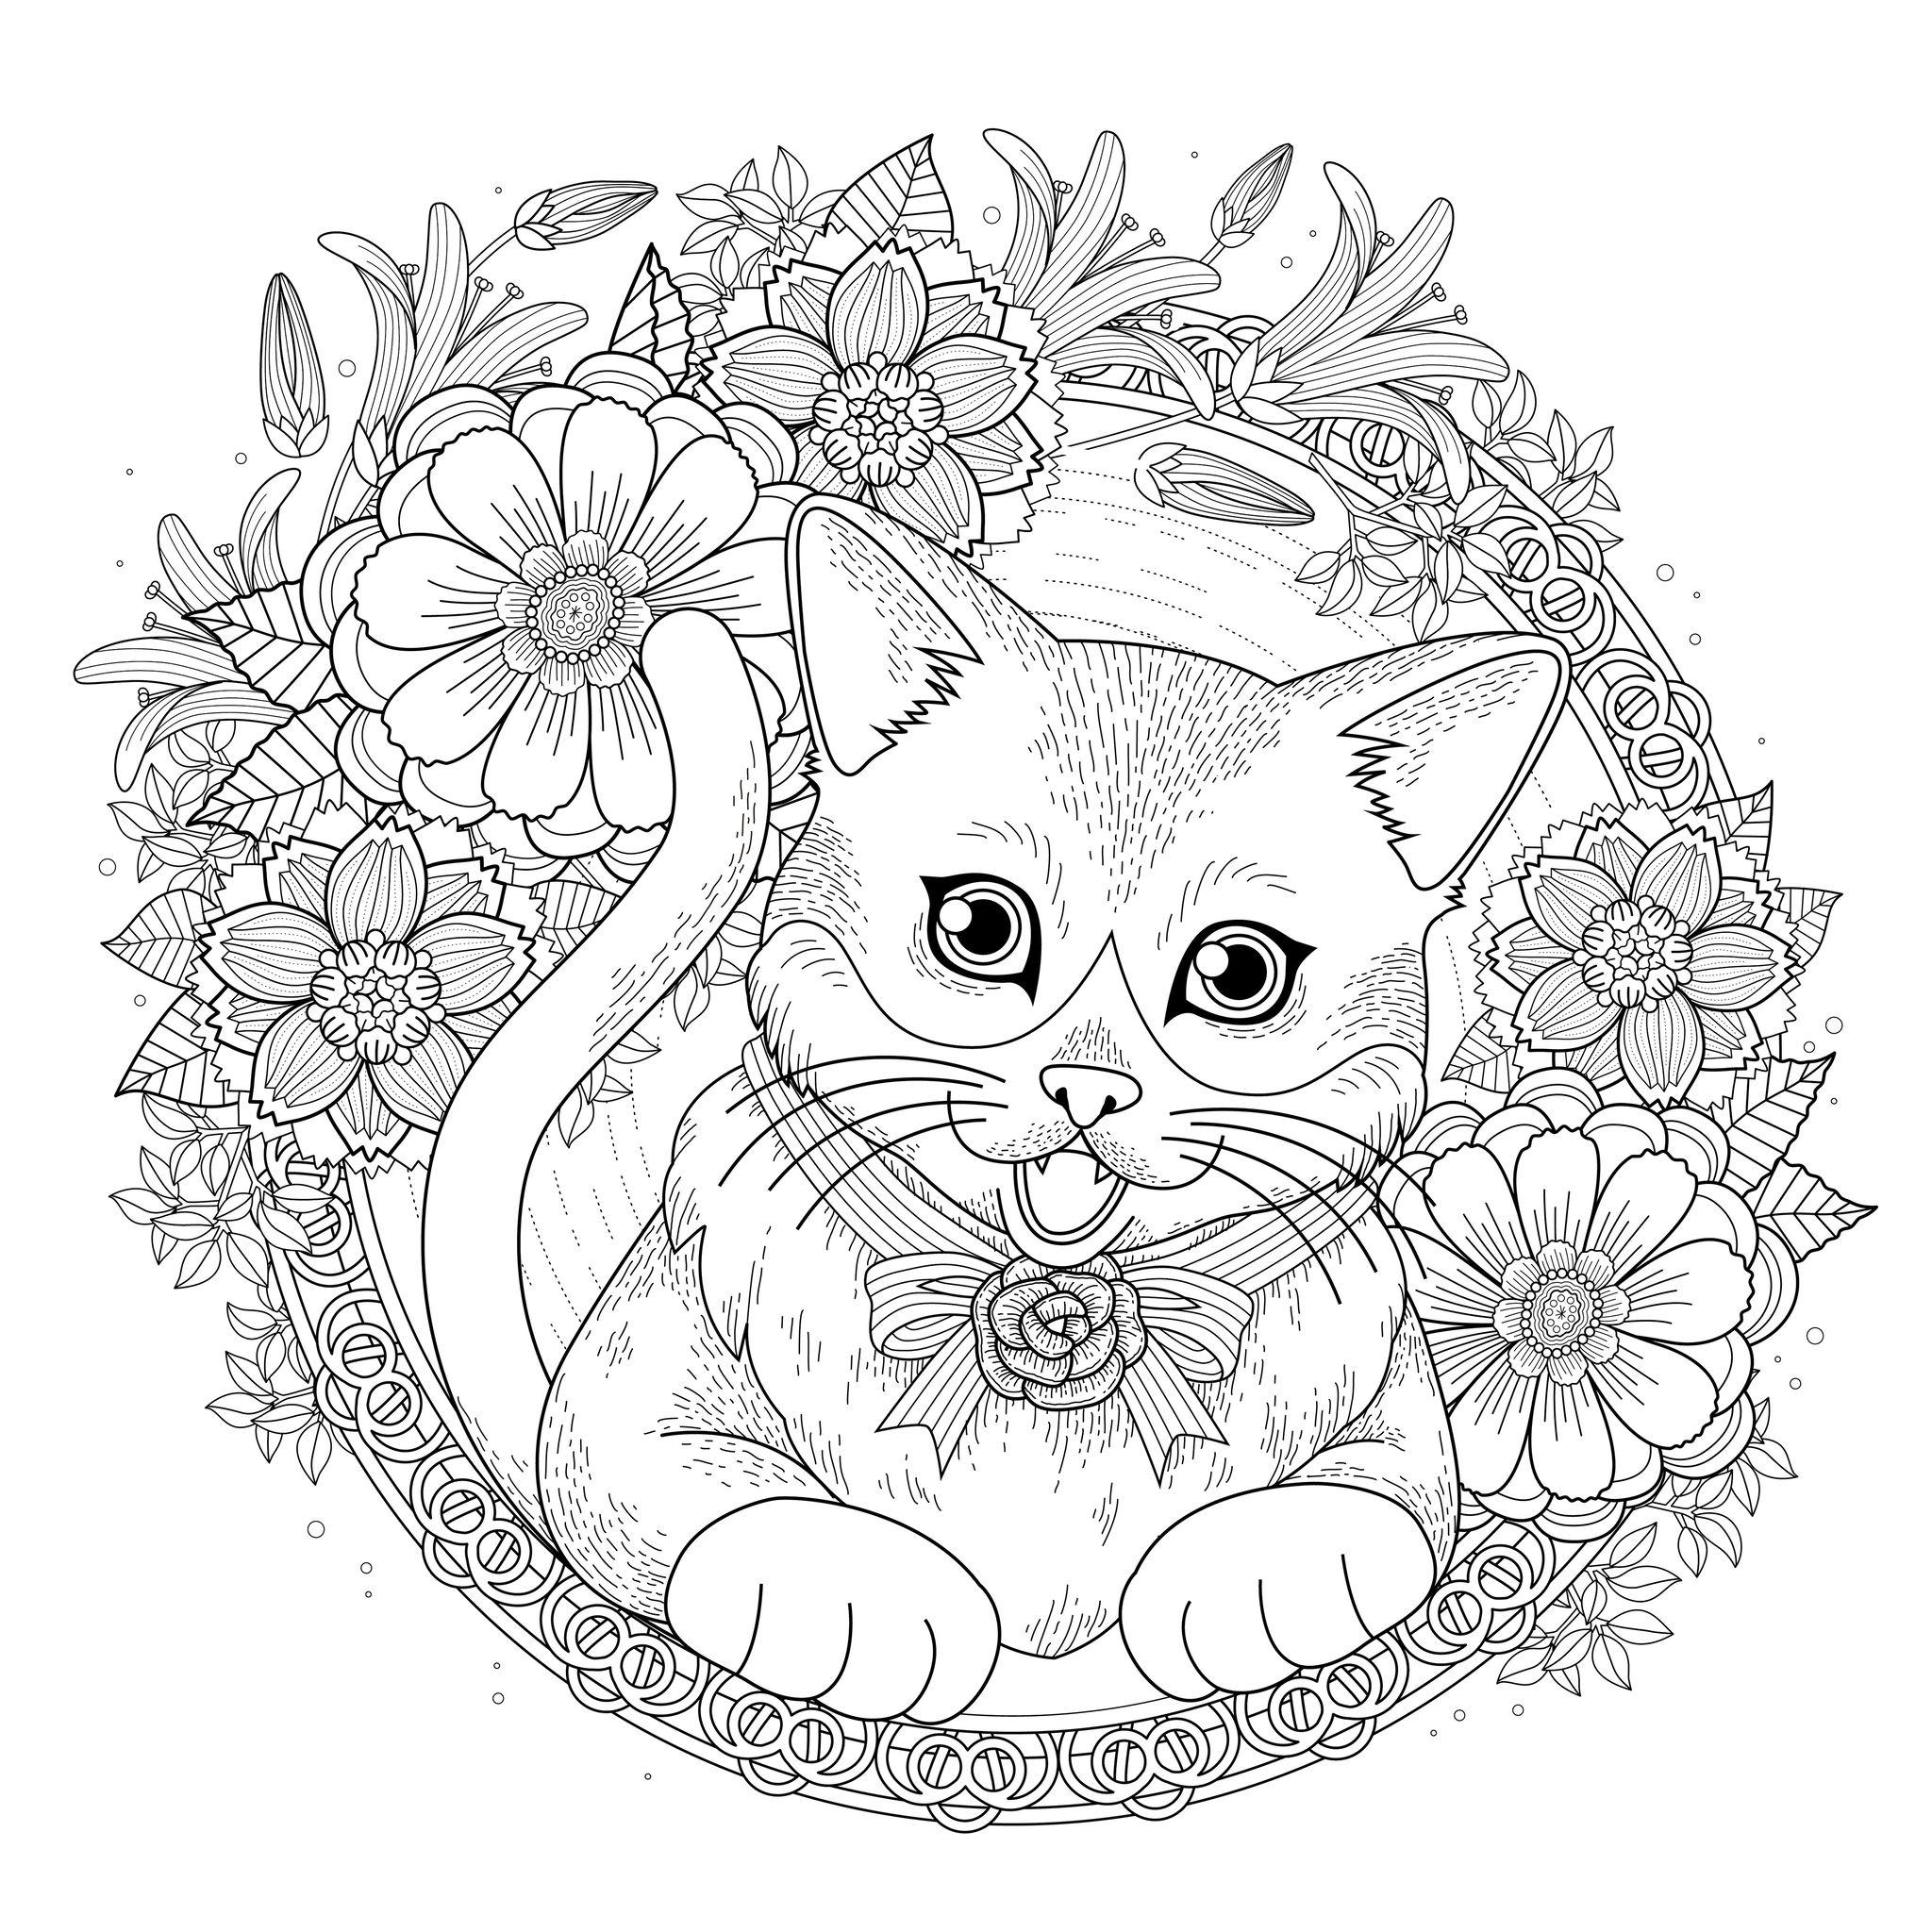 Katzen 22 - Katzen - Malbuch Fur Erwachsene